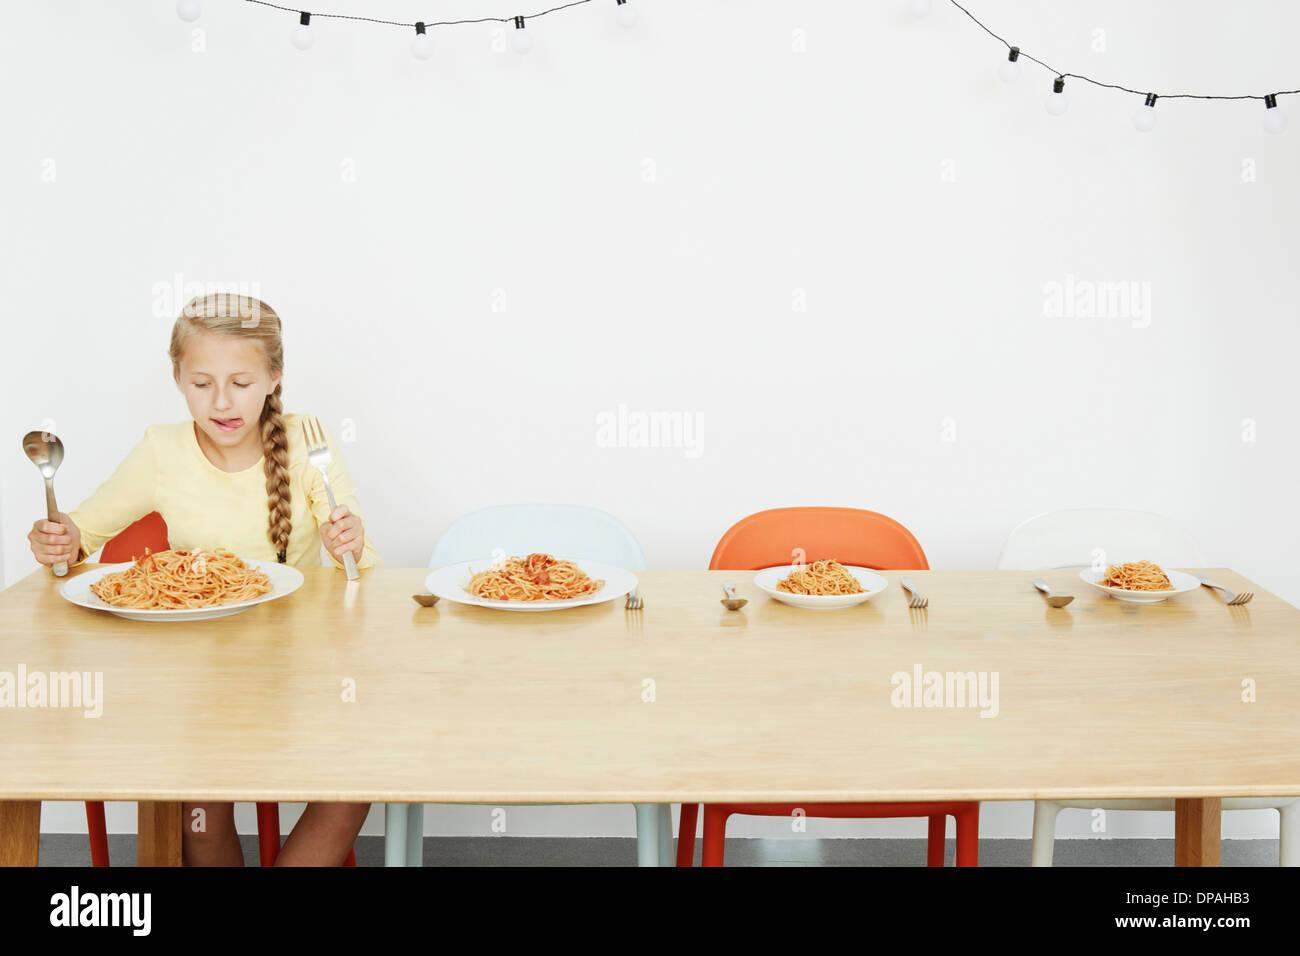 Fille assise à table avec trois plaques spaghetti et plus Photo Stock